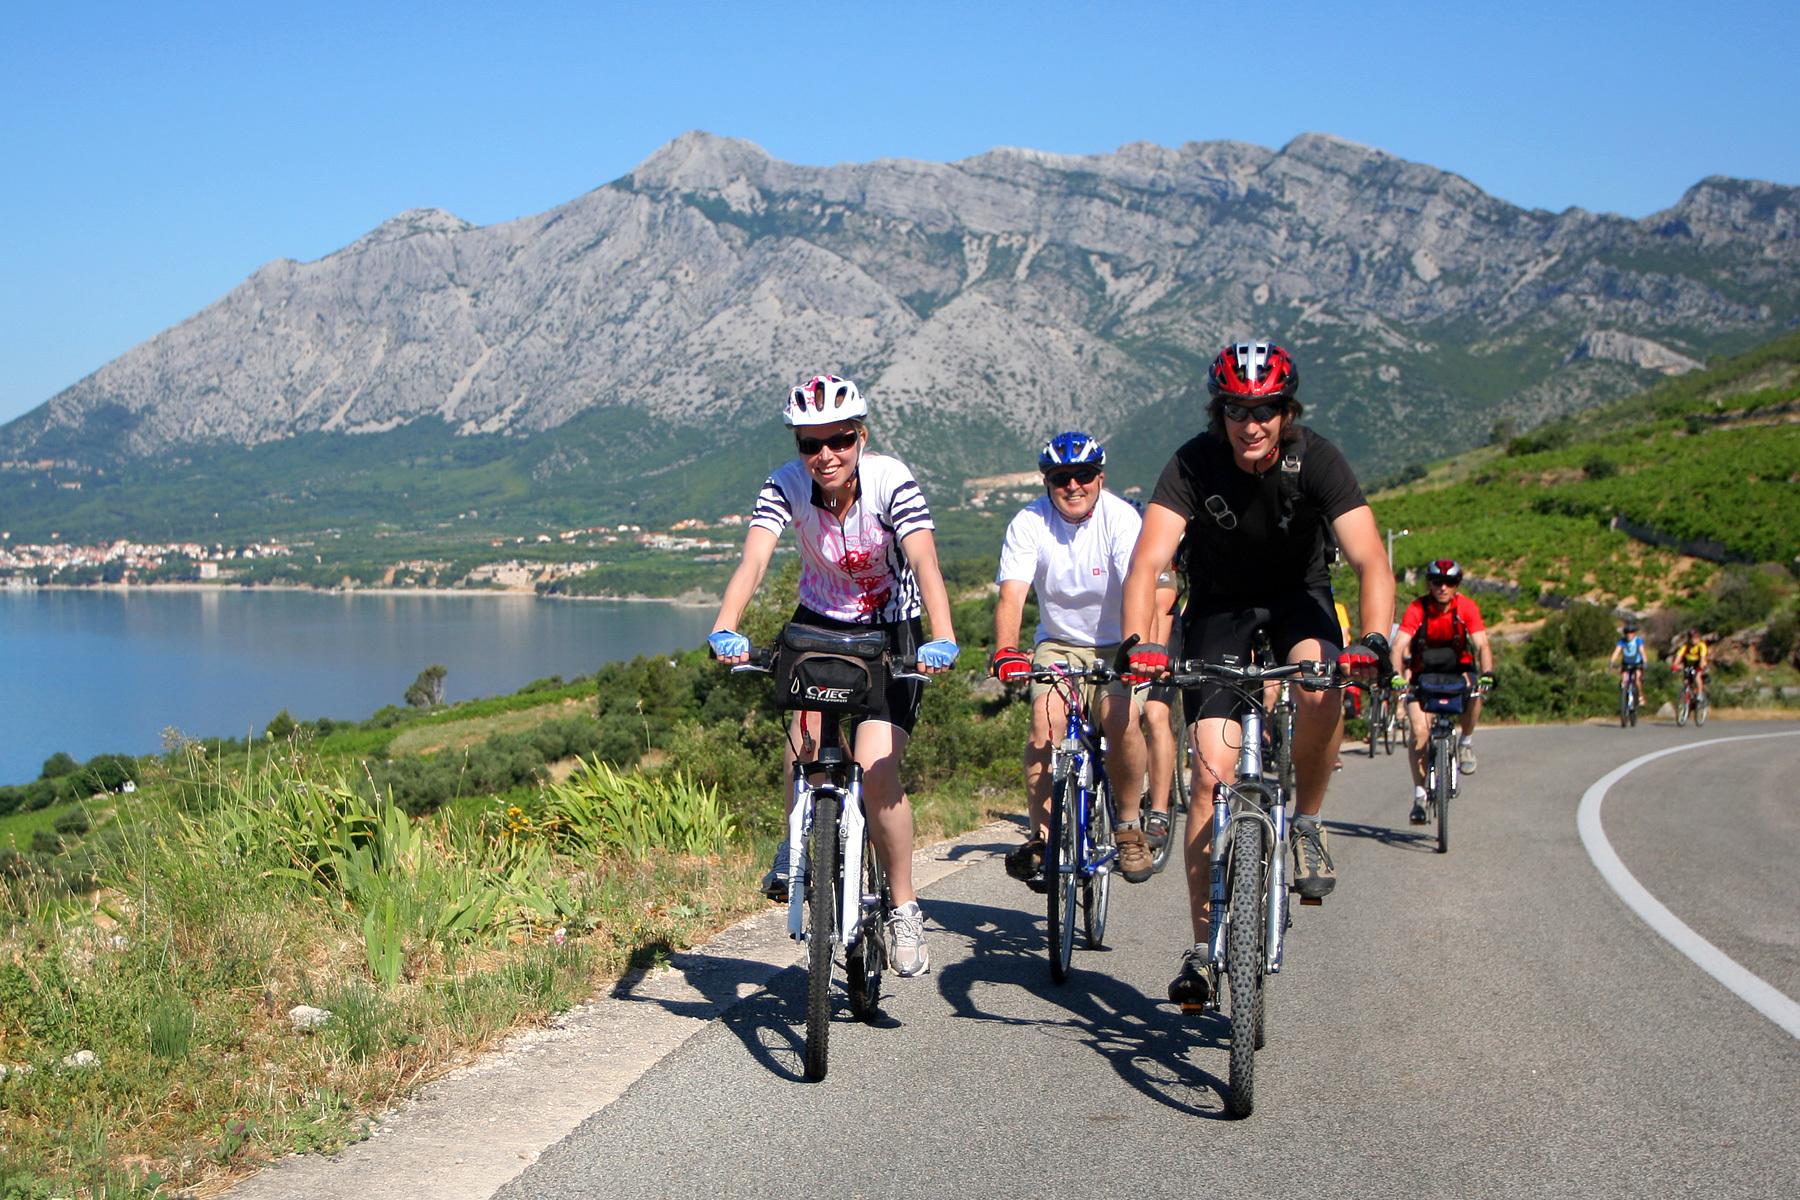 Prvi dan kolesarjenja se začne na morju v Dalmaciji